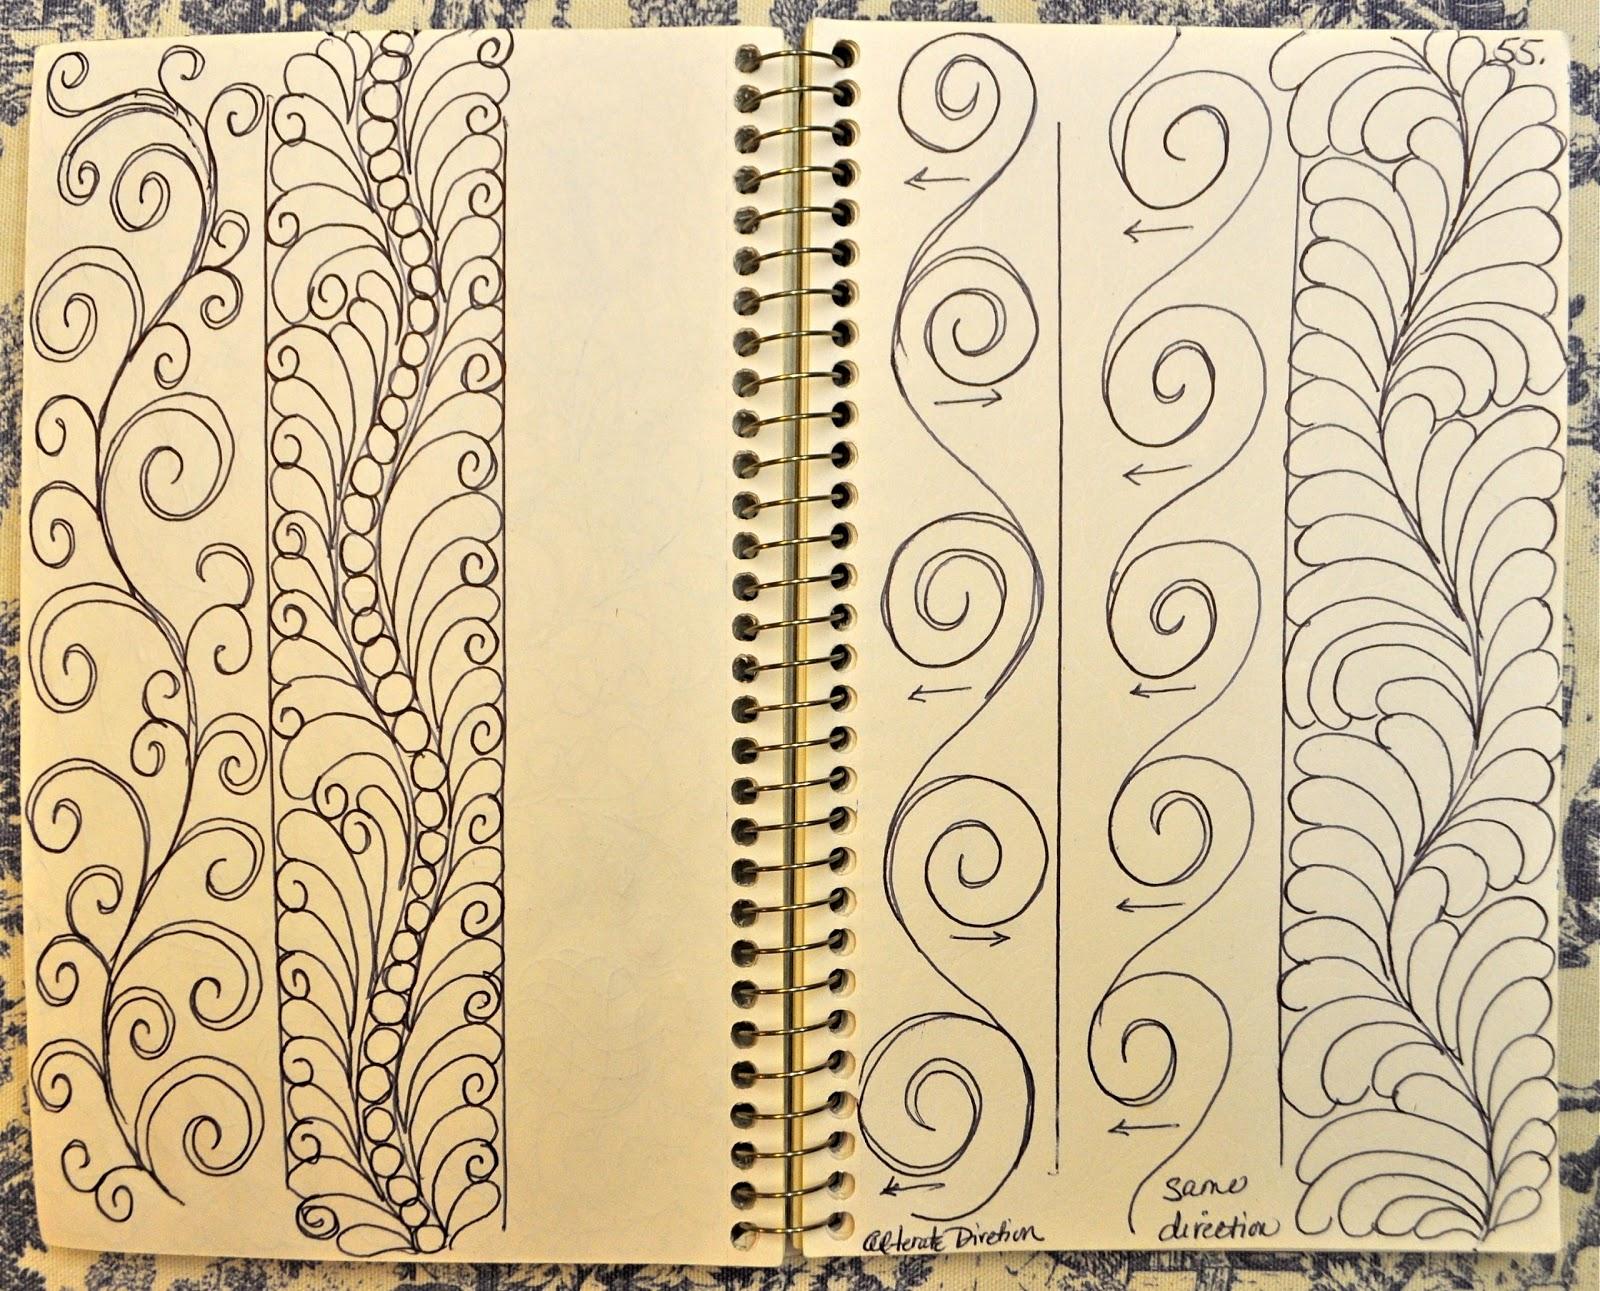 http://4.bp.blogspot.com/-2vgVd97P4yI/UD2ABUXOEgI/AAAAAAAAQXk/uUNQu5DkEJA/s1600/Sketch+Book+55.jpg